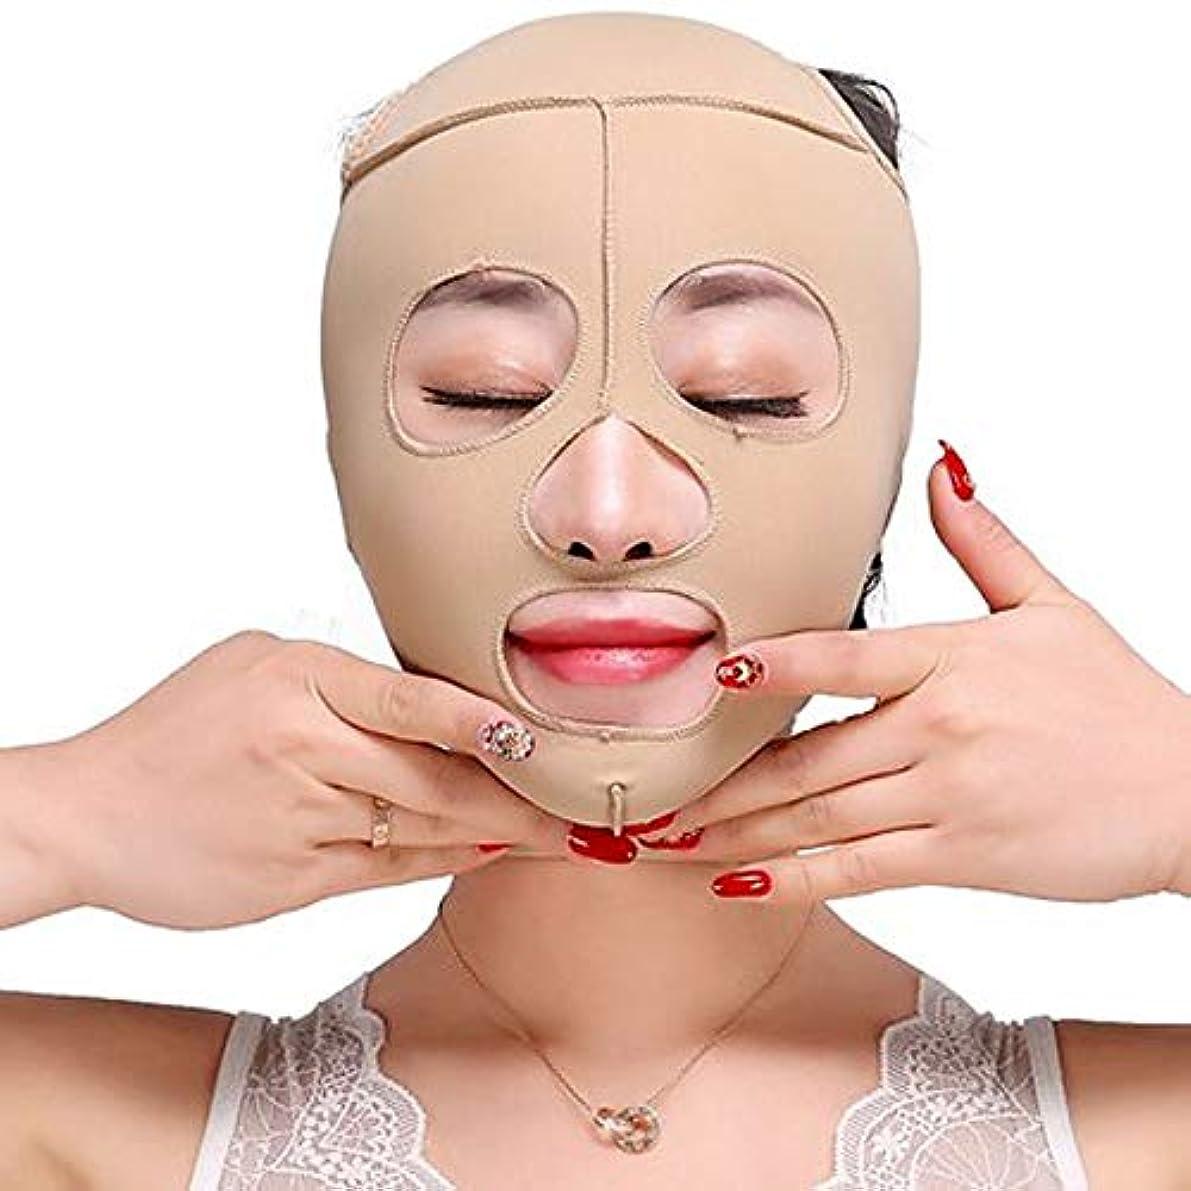 抑止する前提条件近所のTLMY フェイシャルリフティングフェイシャルVマスクダブルあご薄い顔包帯抗シワリフティングチークライン 顔用整形マスク (Size : L)